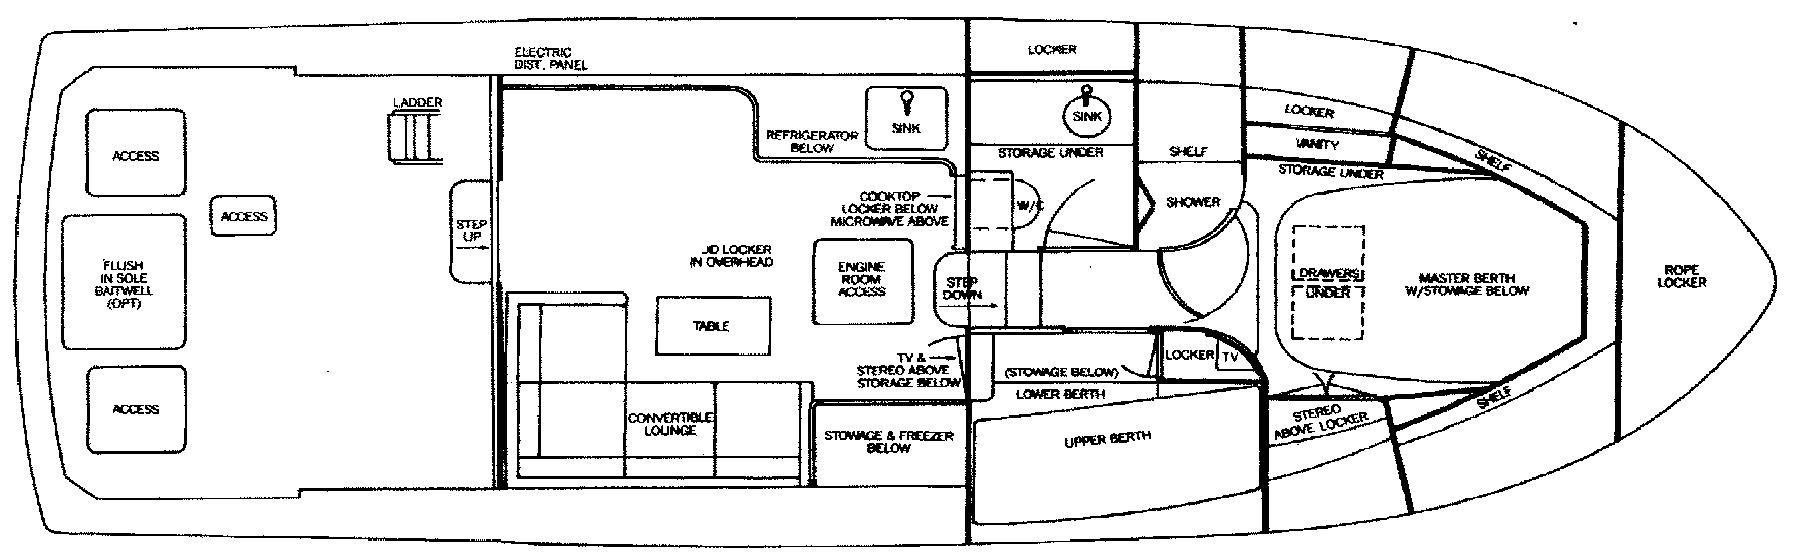 37 Convertible Floor Plan 1